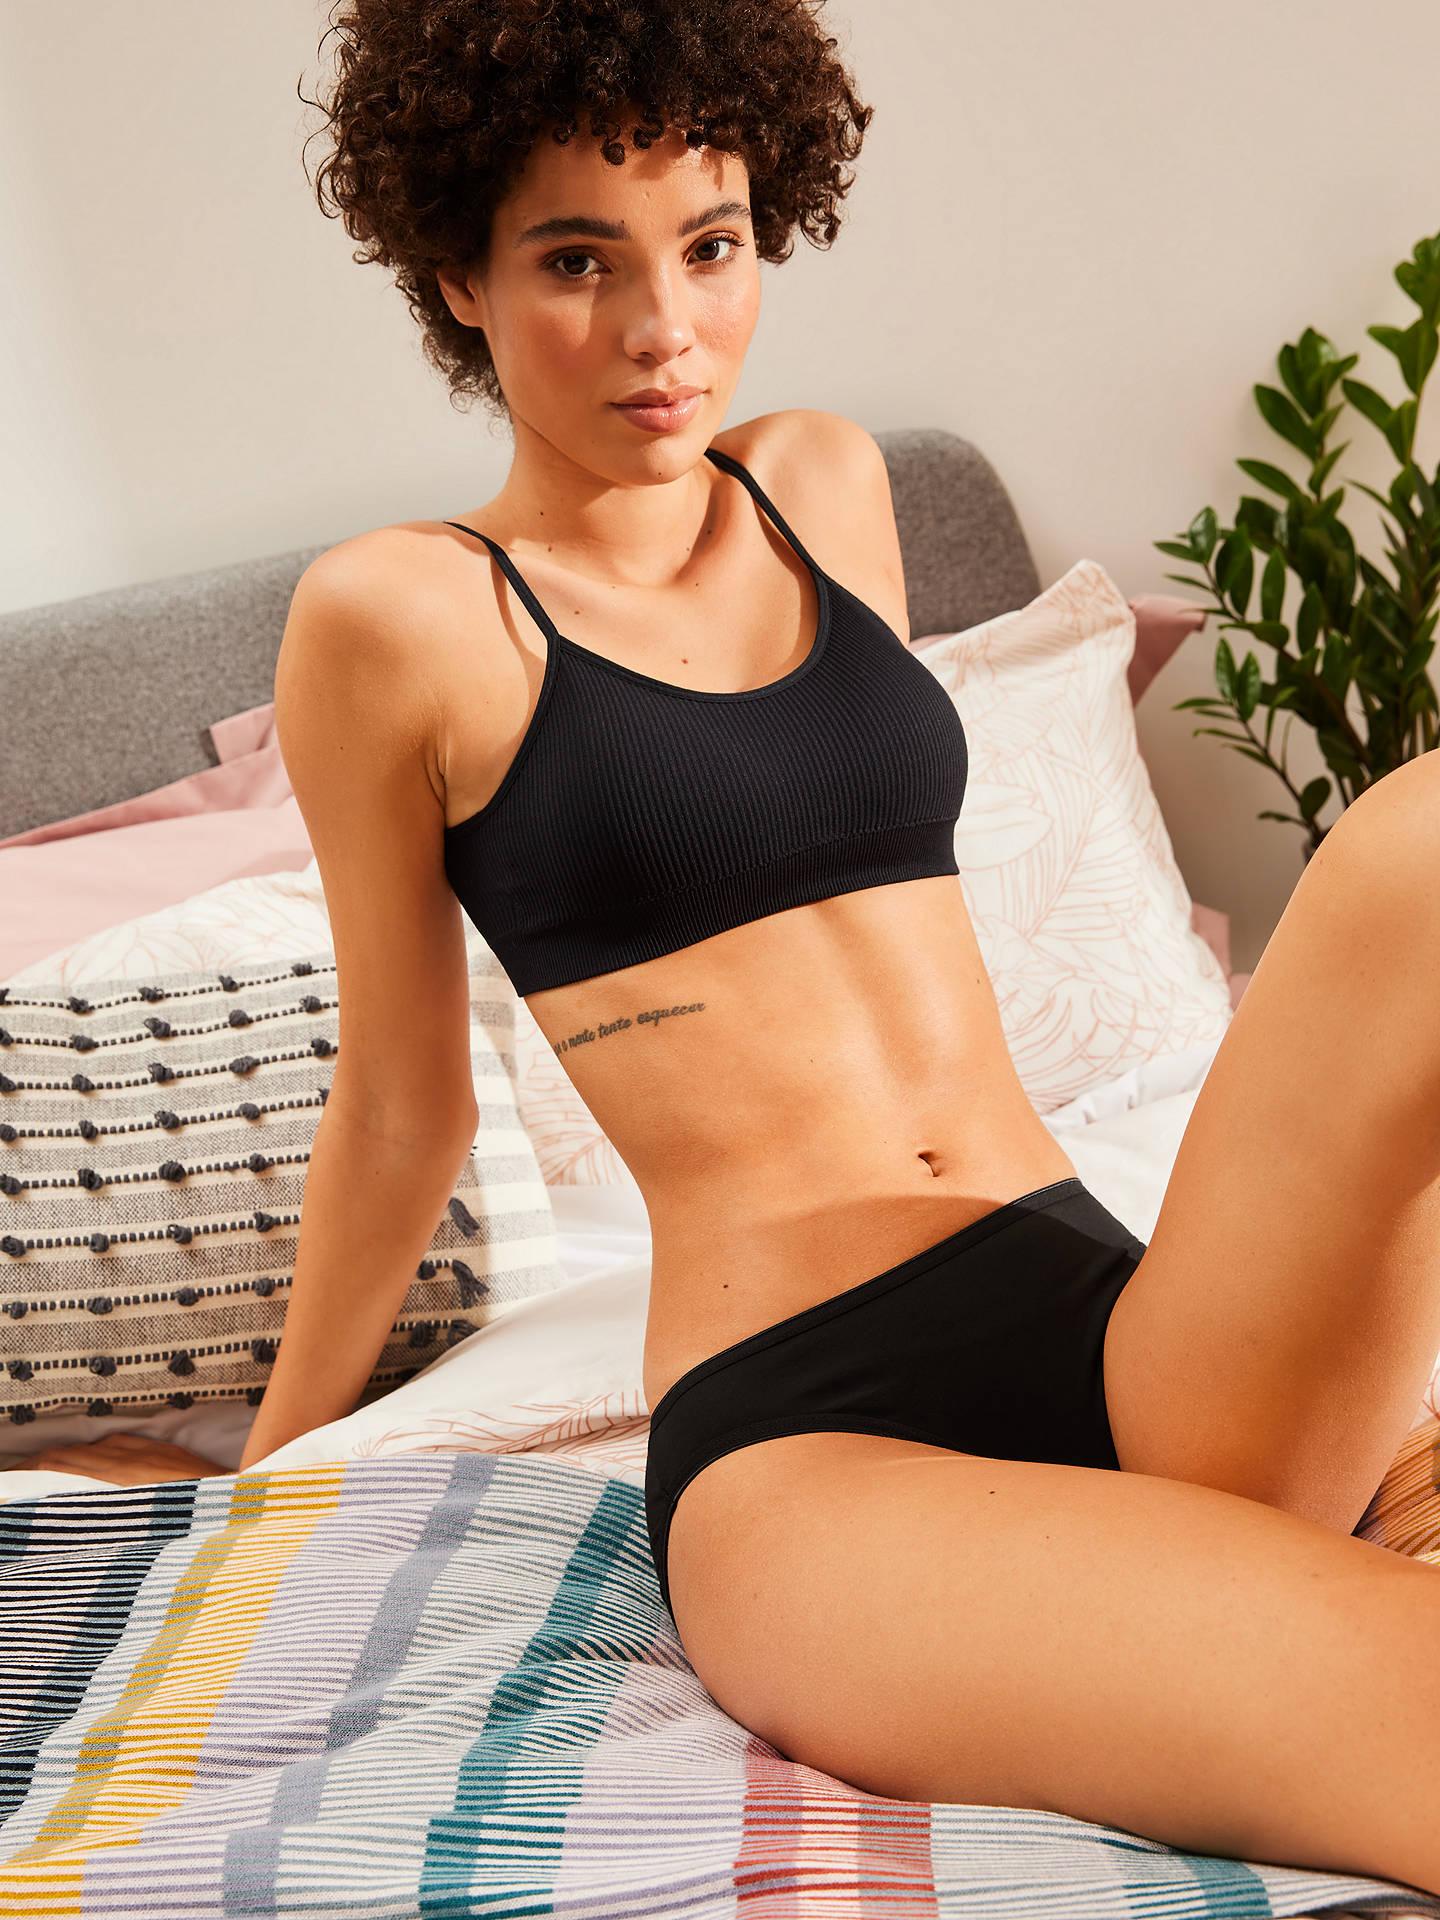 9869a2471ef6 ... Underwear · Women's Knickers & Briefs. Buy John Lewis & Partners 5 Pack  Pima Cotton Bikini Briefs, Multi, 8 Online